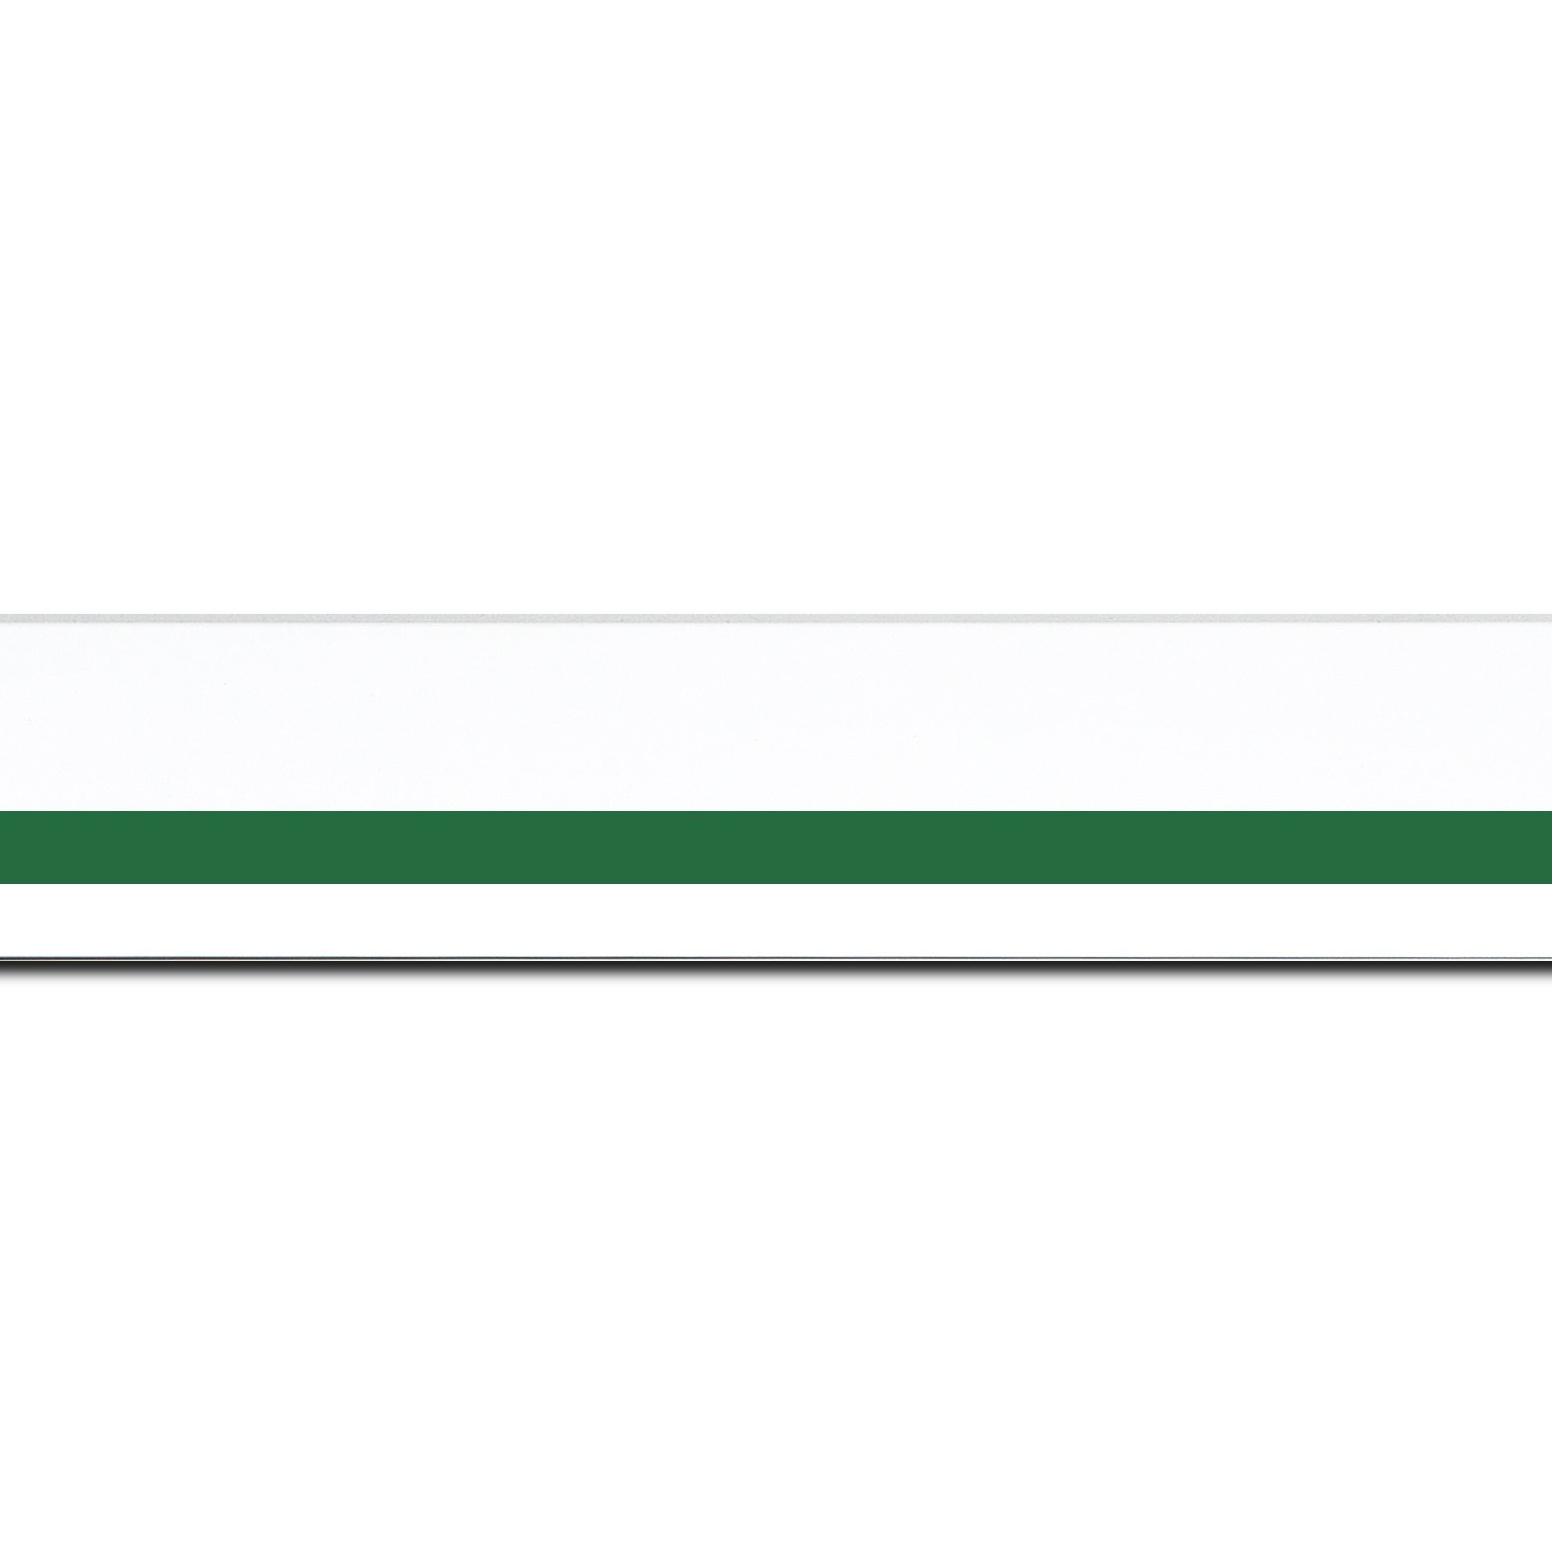 Baguette longueur 1.40m bois profil pente largeur 4.5cm de couleur blanc mat filet vert